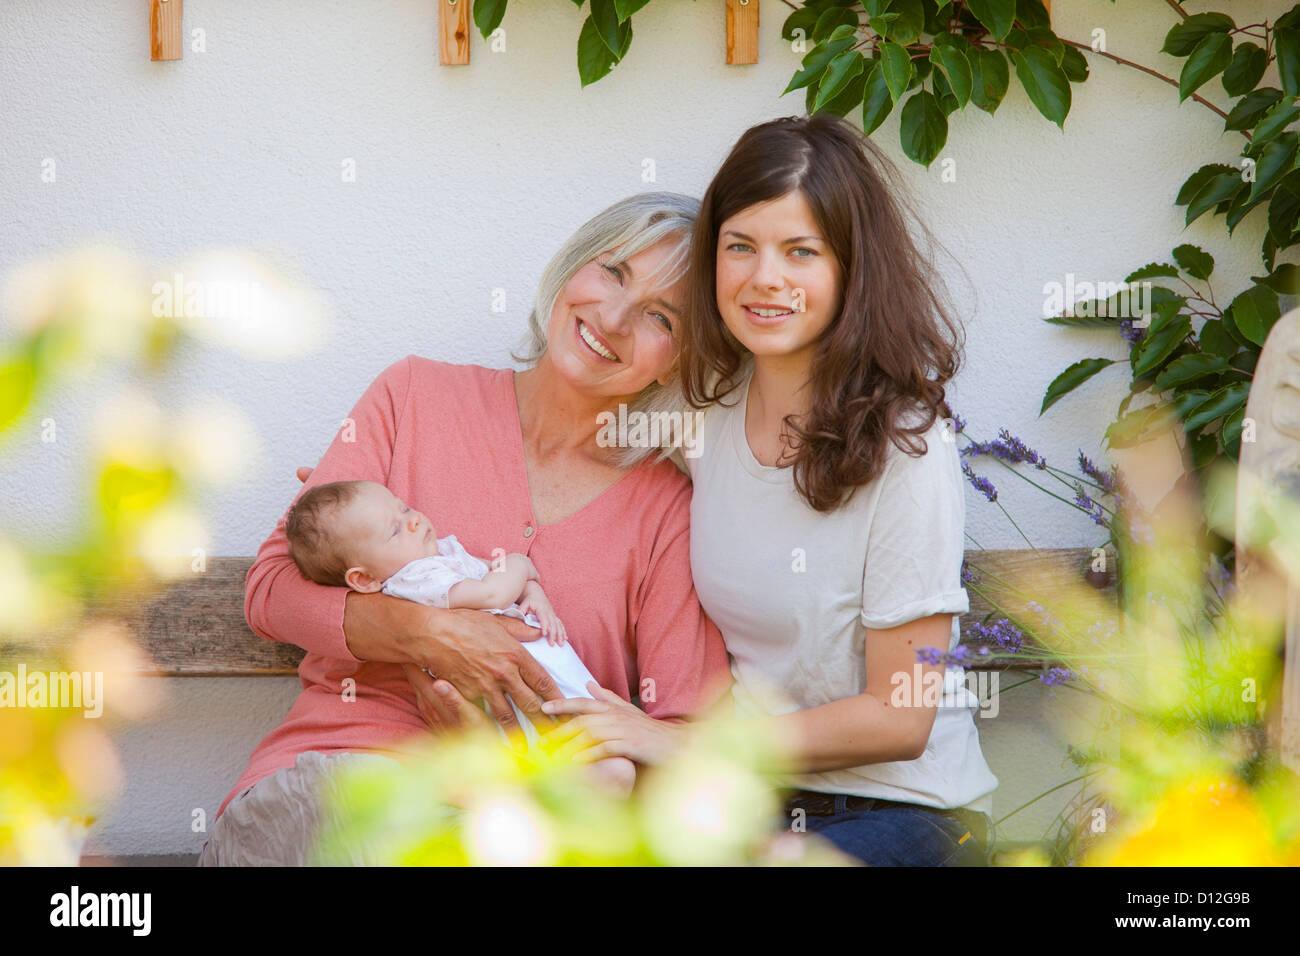 Alemania, Baviera, tres generaciones sentados juntos, sonriendo Imagen De Stock